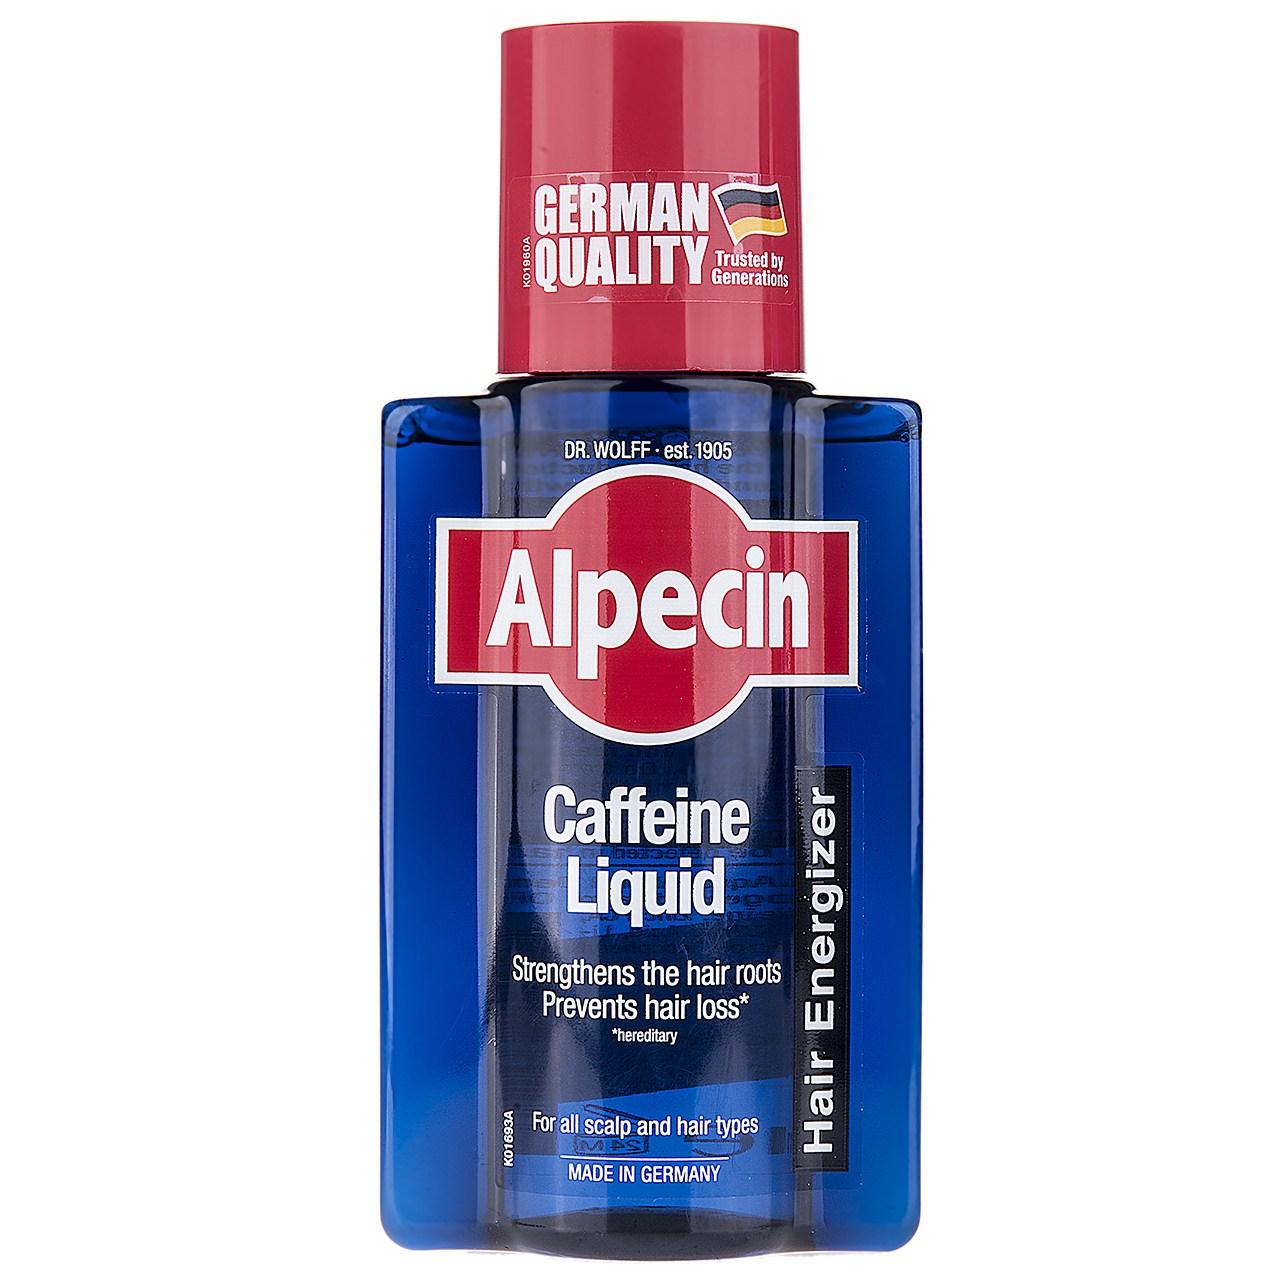 قیمت محلول تقویت کننده مو آلپسین مدل Caffeine  حجم 200 میلی لیتر